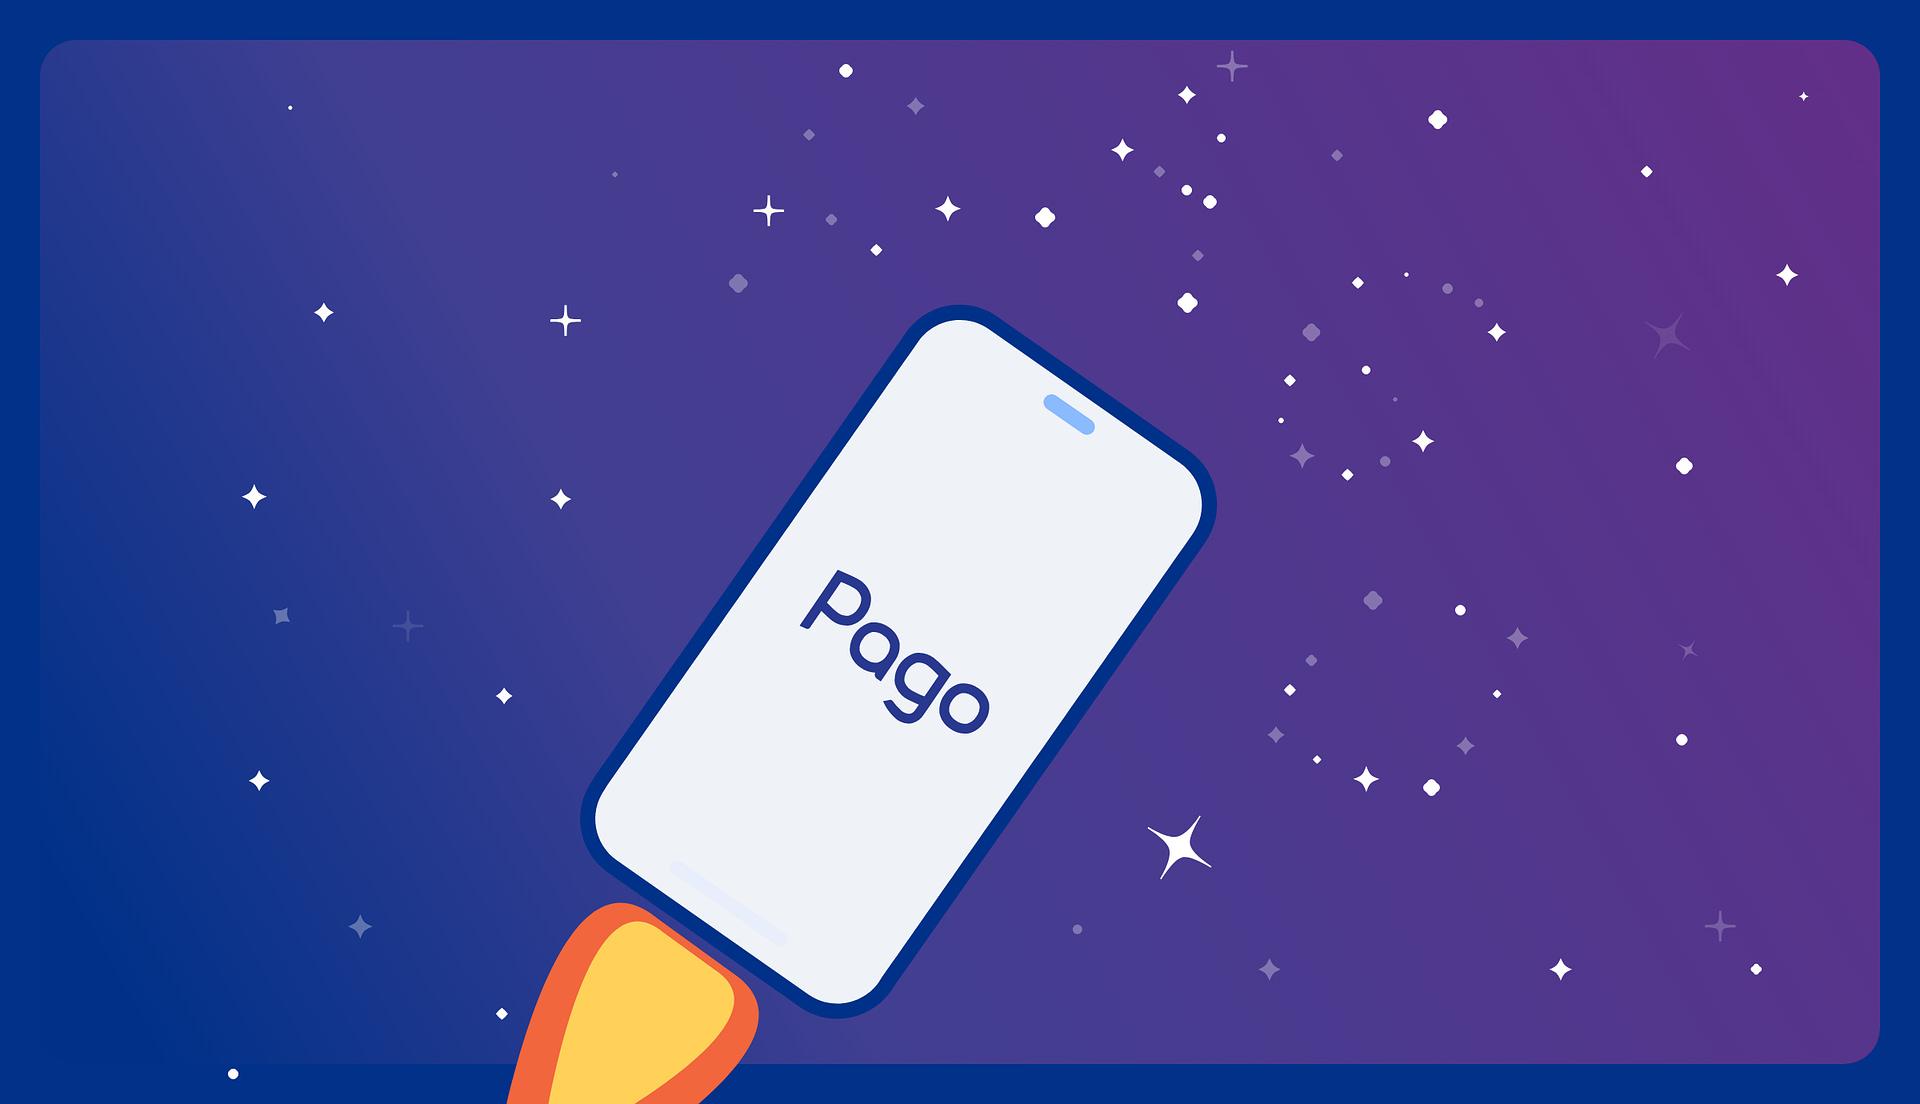 Három éve történt az első befizetés, azóta több mint 100 millió euró került feldolgozásra a Pago alkalmazáson keresztül